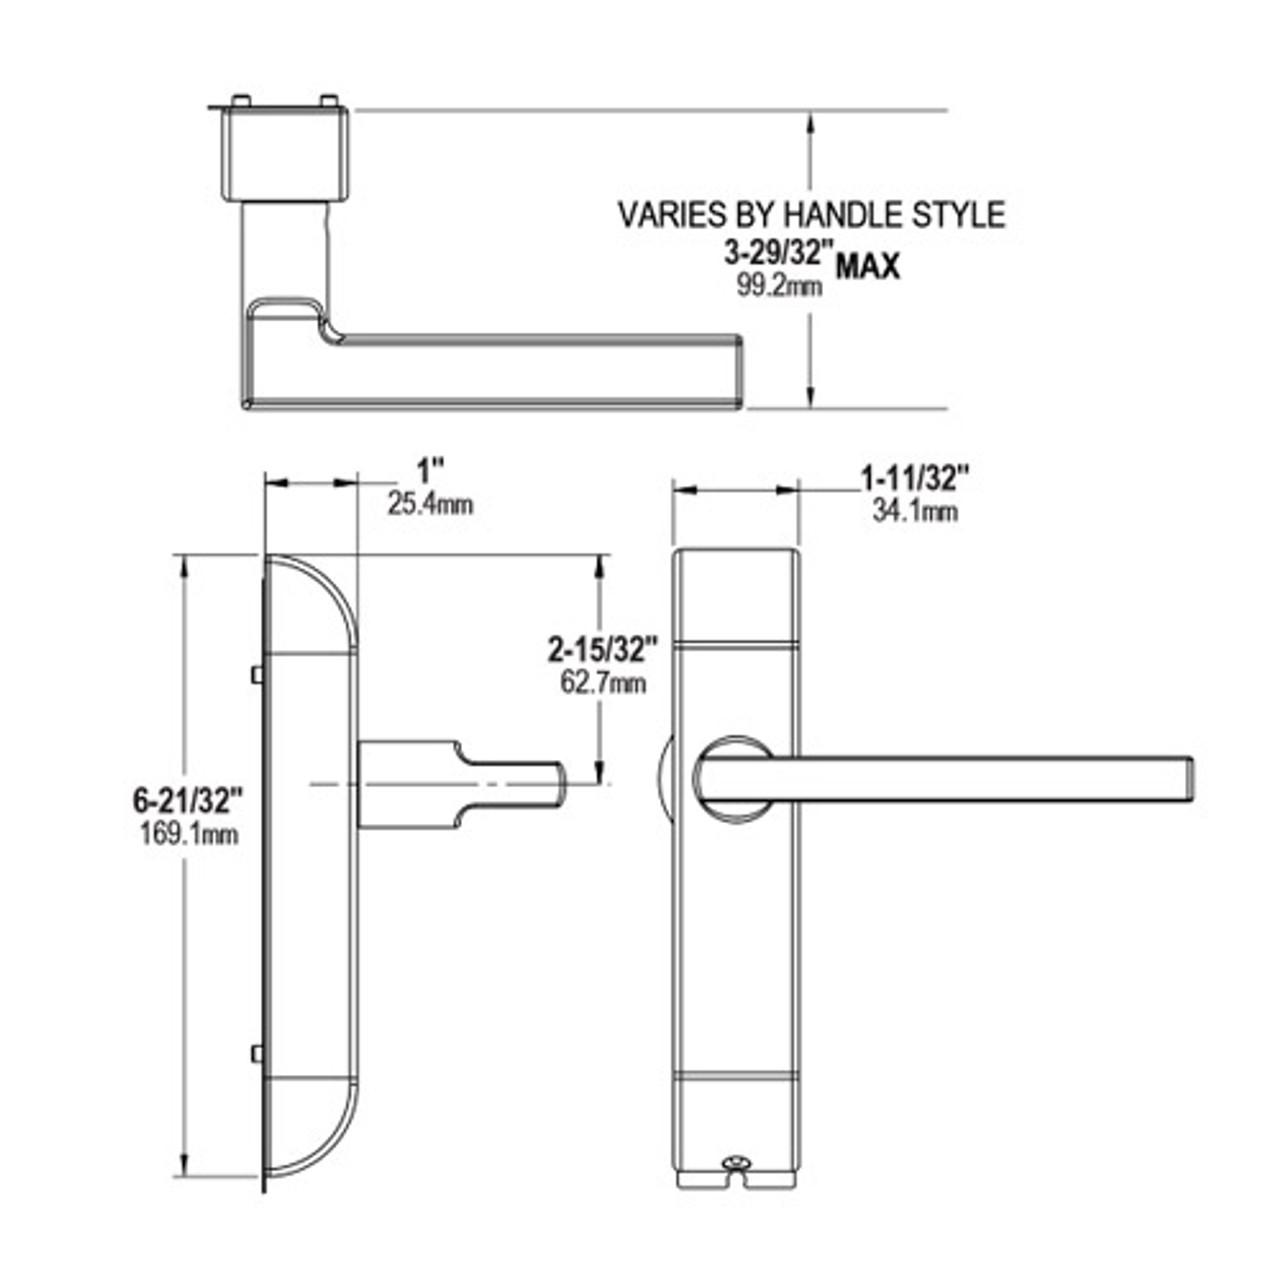 4600M-MG-551-US32D Adams Rite MG Designer handle Dimensional View